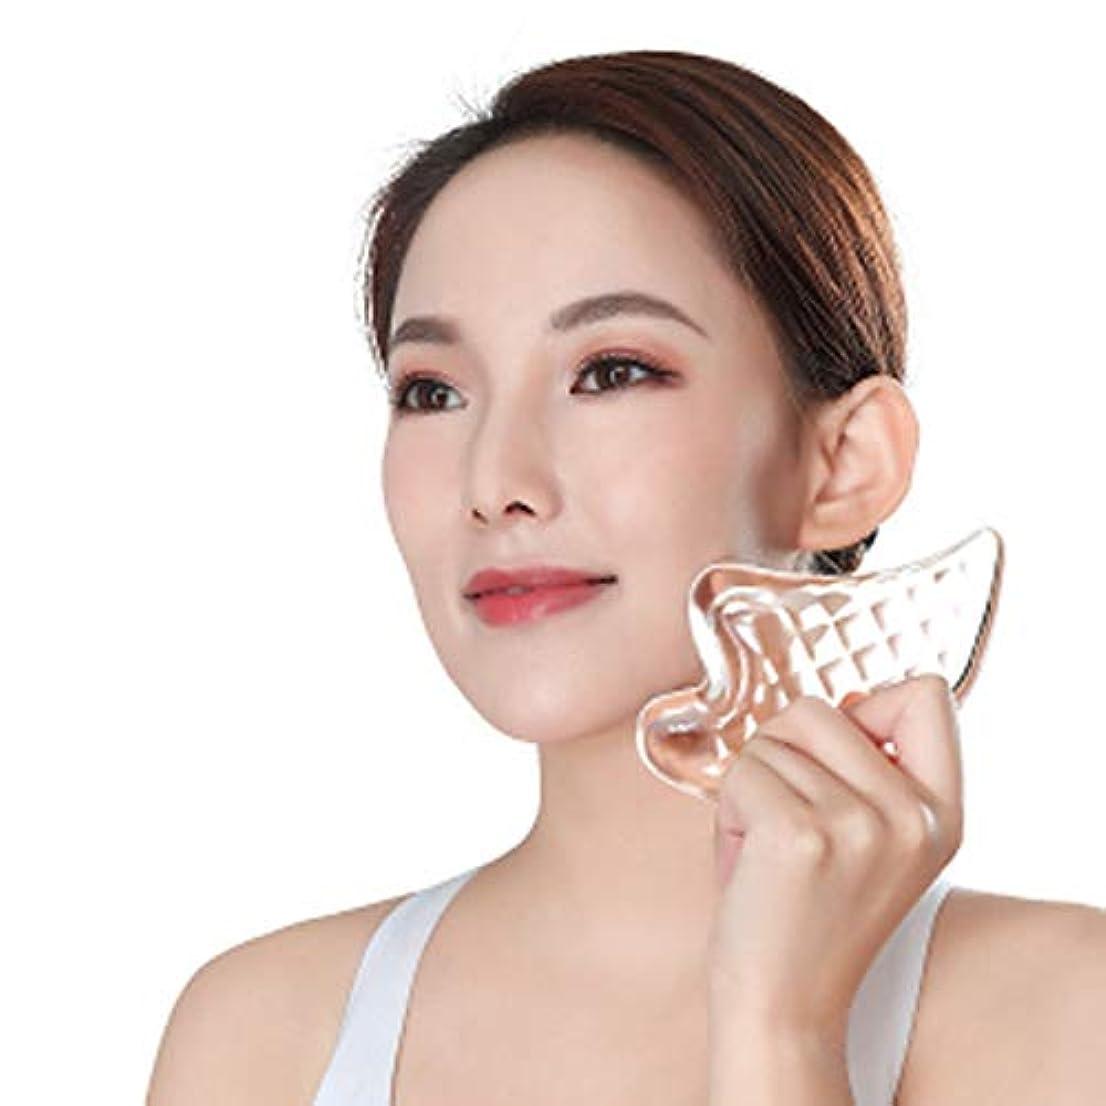 判決バタフライロマンチックCangad かっさプレート 美顔器 高品質 3Dクリスタル 小顔 美顔グッズ 羽根型 ボディ マッサージ かっさマッサージ 刮痧 ウィング型 健康グッズ